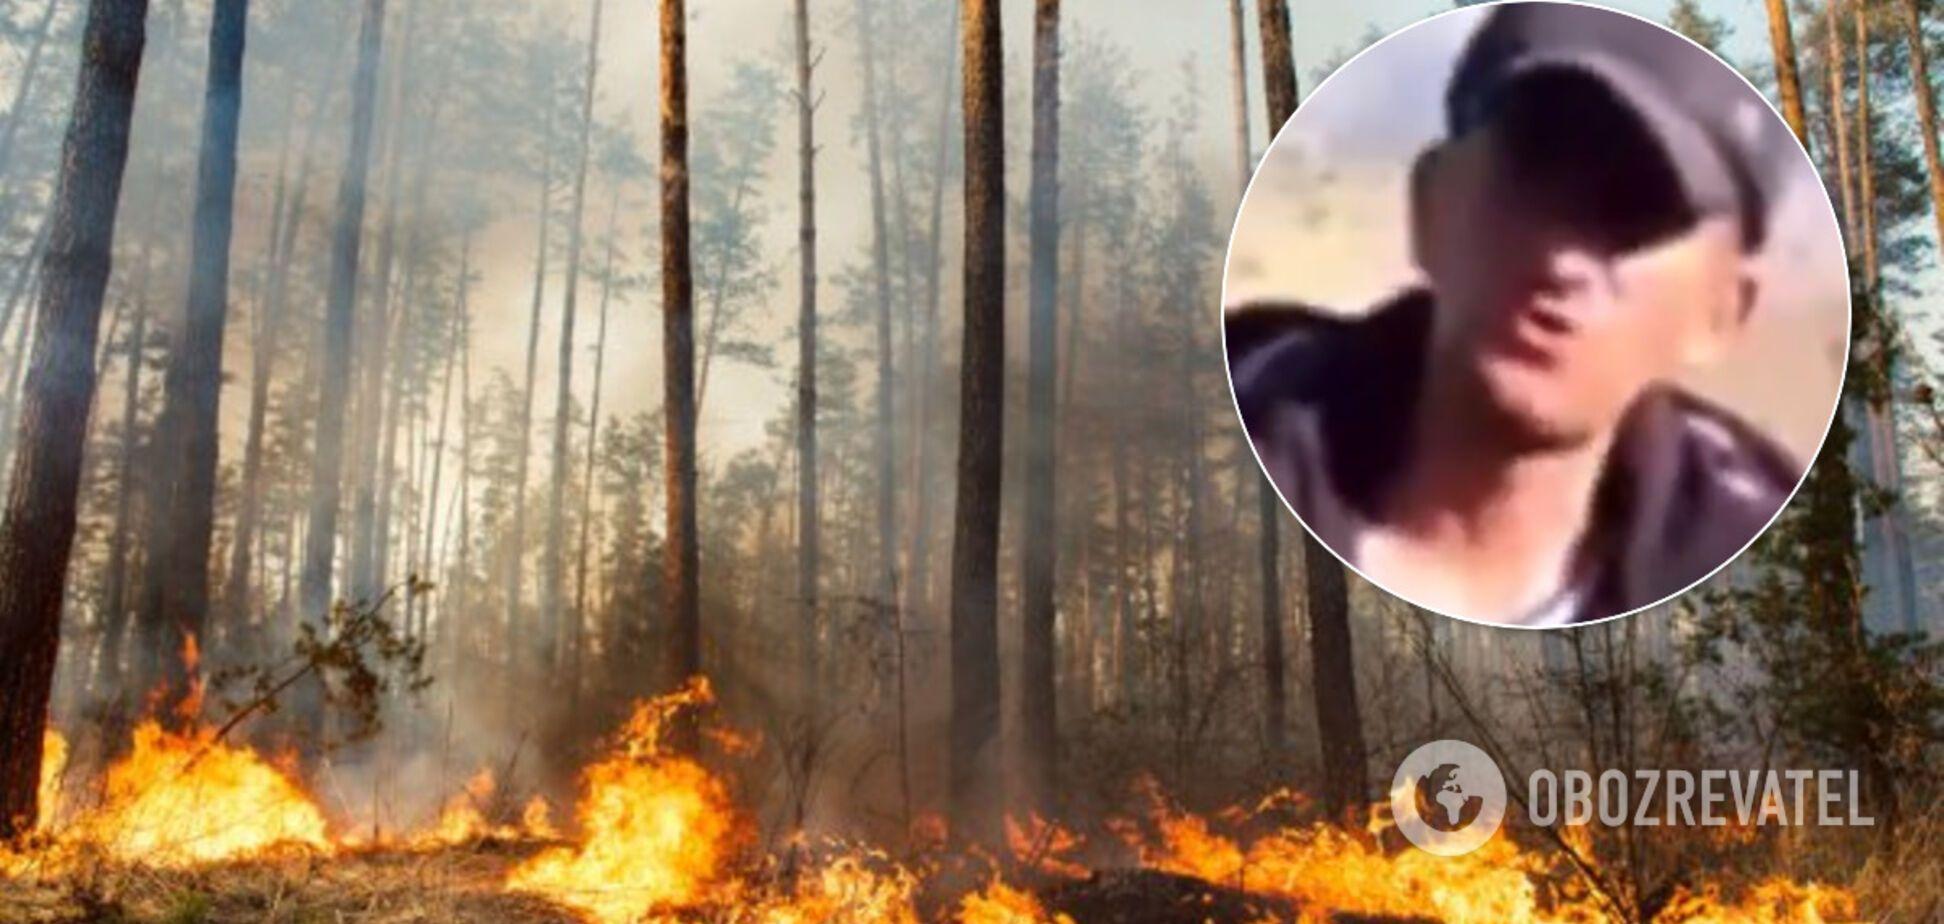 Очередного украинского поджигателя поймали на горячем. Иллюстрация